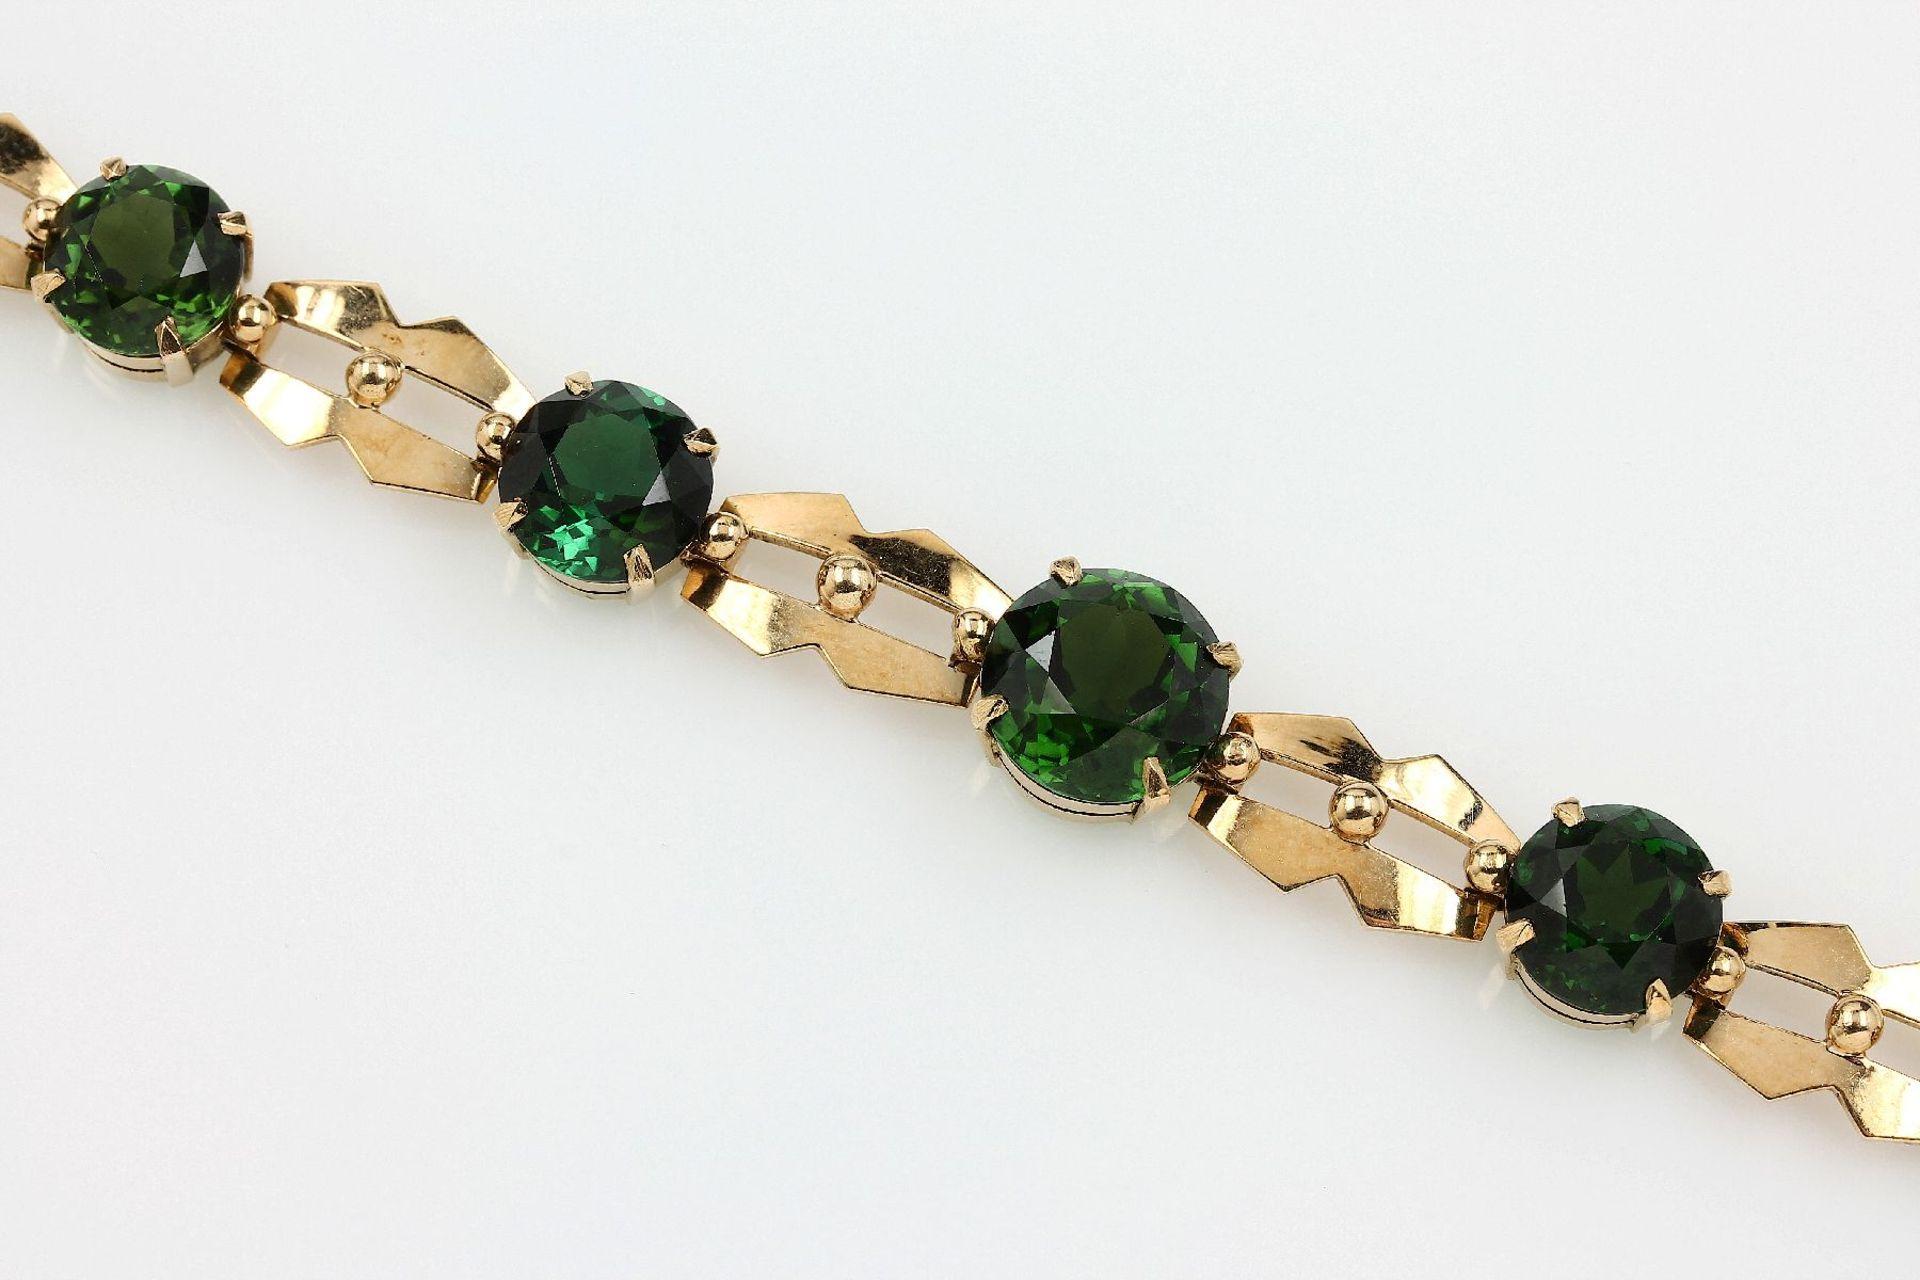 Los 21547 - 18 kt Gold Armband mit Chromdiopsiden, GG 750/000 gepr., 7 rundfacett. Chromdiopside zus. ca. 28.